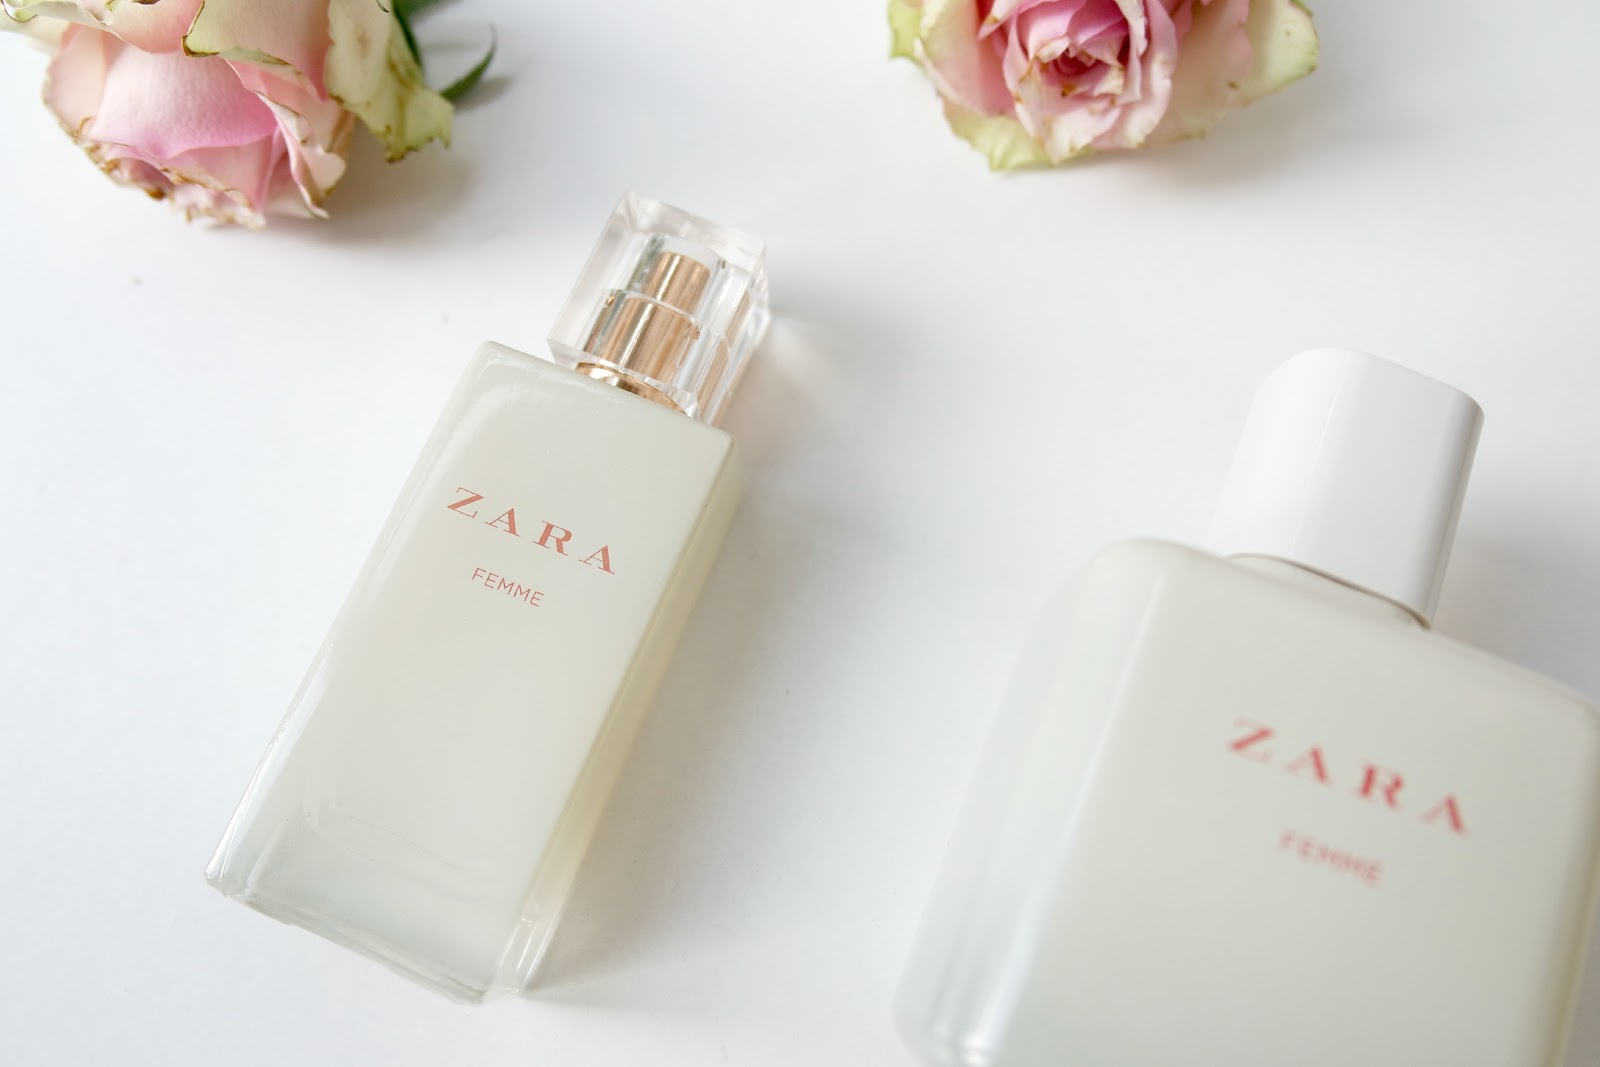 Review Zara Femme Perfume Georgia Petite